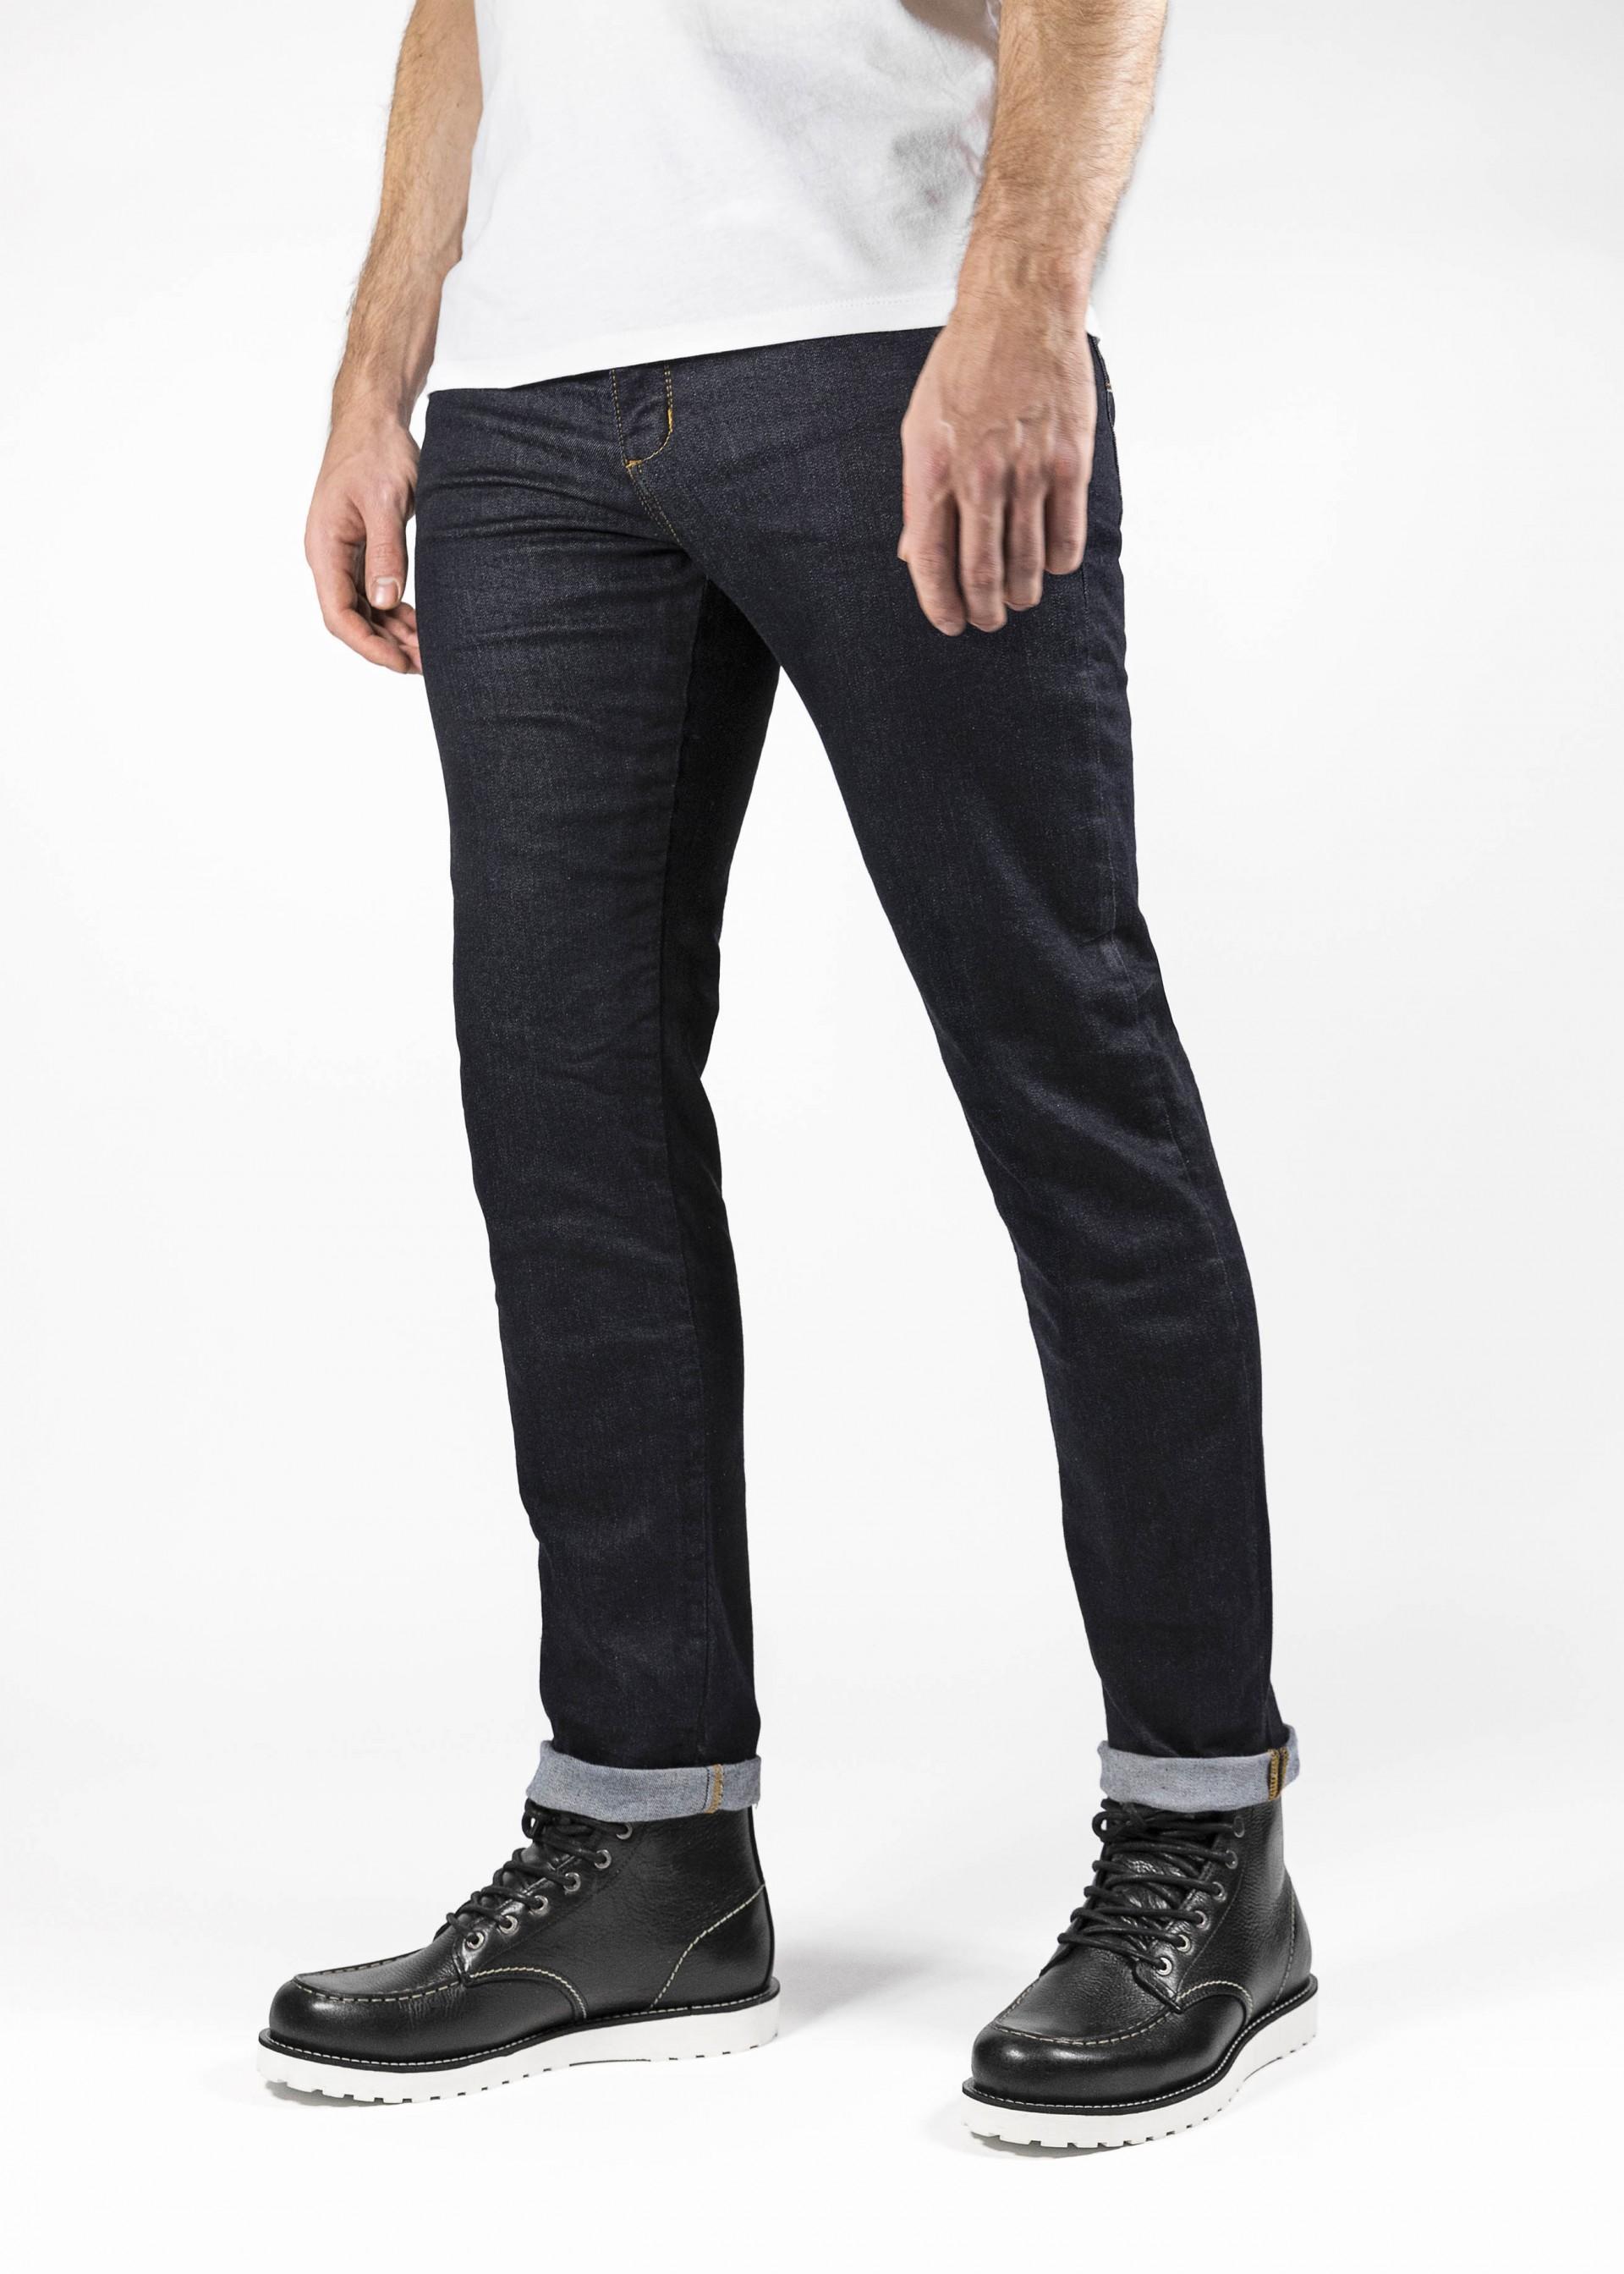 Atmungsaktiv John Doe Ironehead Motorradhose mit Kevlar Einsetzbare Protektoren XTM Denim Jeans mit Stretch Motorrad Jeans